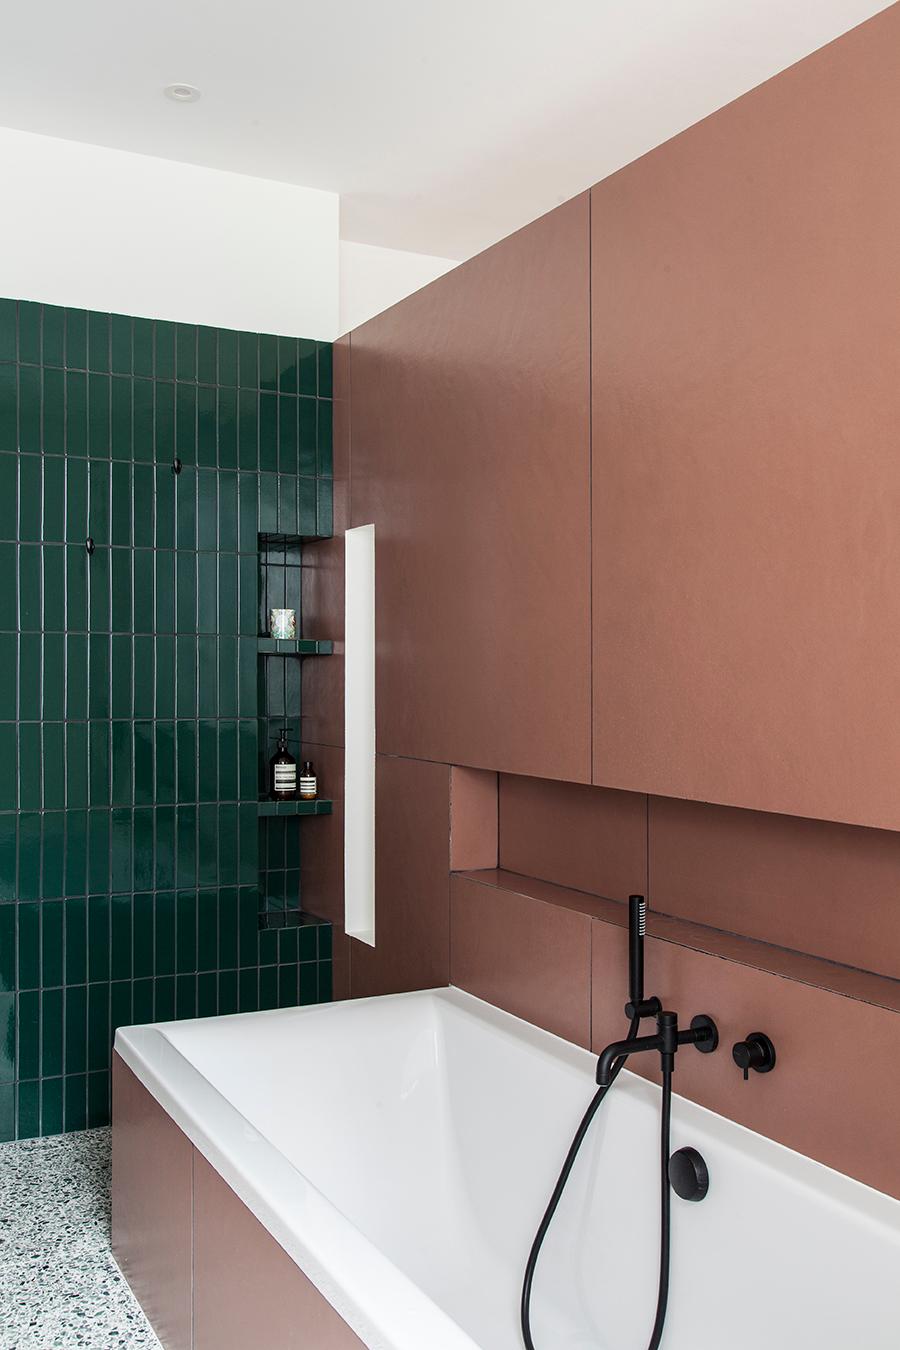 Epingle Par Vanessa Porzier Sur De La Maison Avec Images Meuble Salle De Bain Idees Diy Pour Salle De Bains Amenagement Toilettes